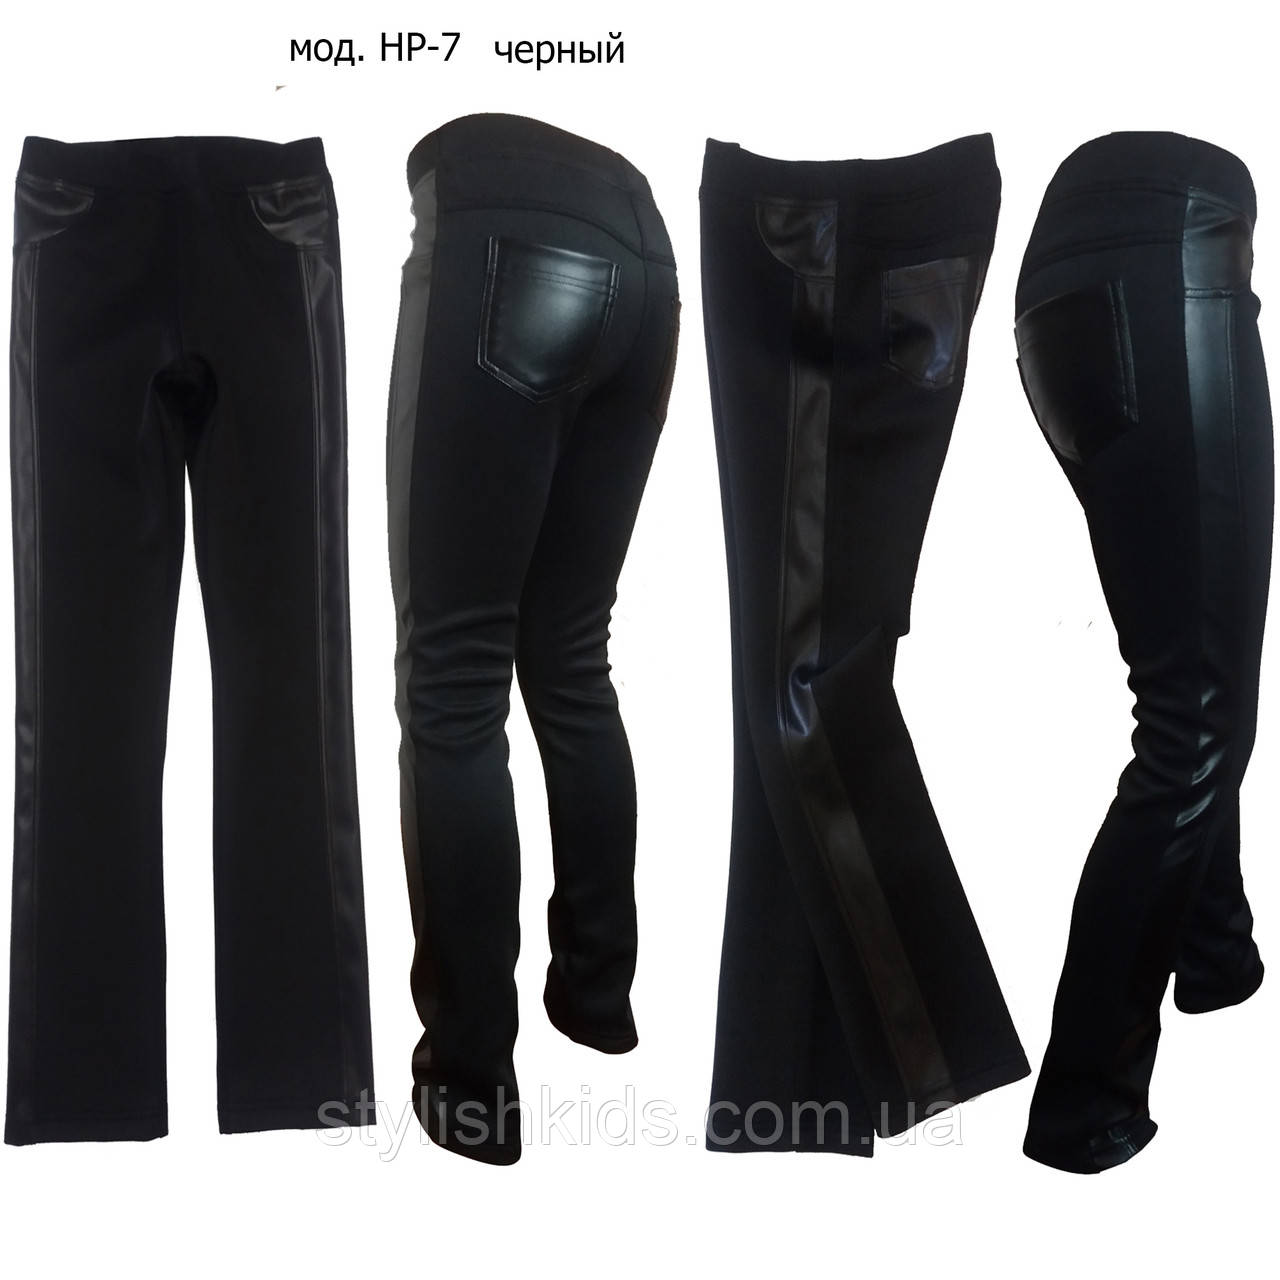 Купить стильные брюки